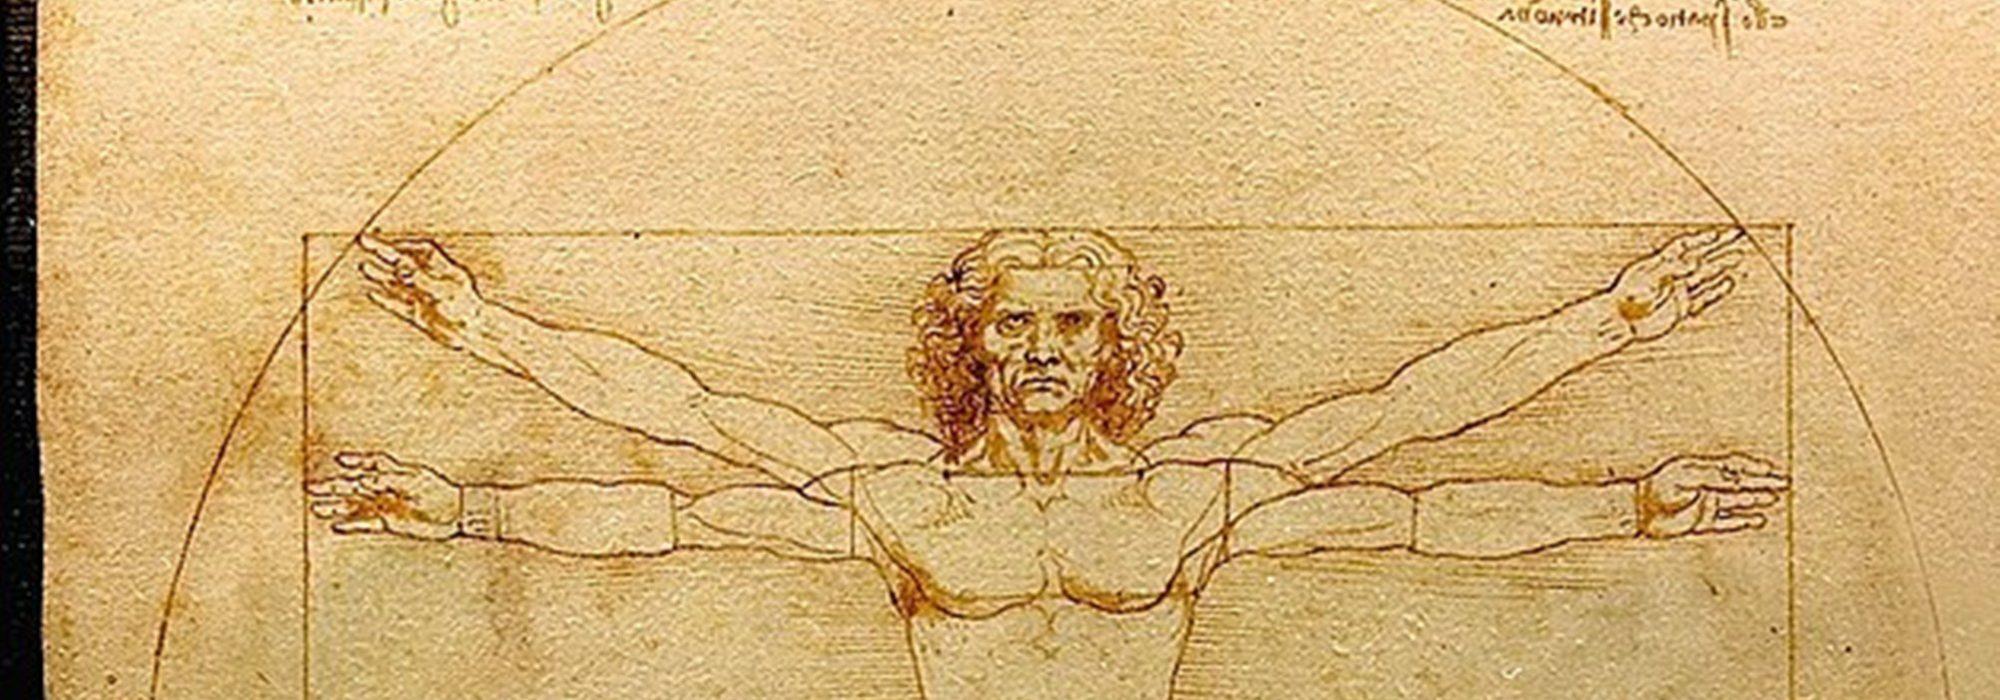 Imagem: O Homem Vitruviano (Da Vinci, detalhe)